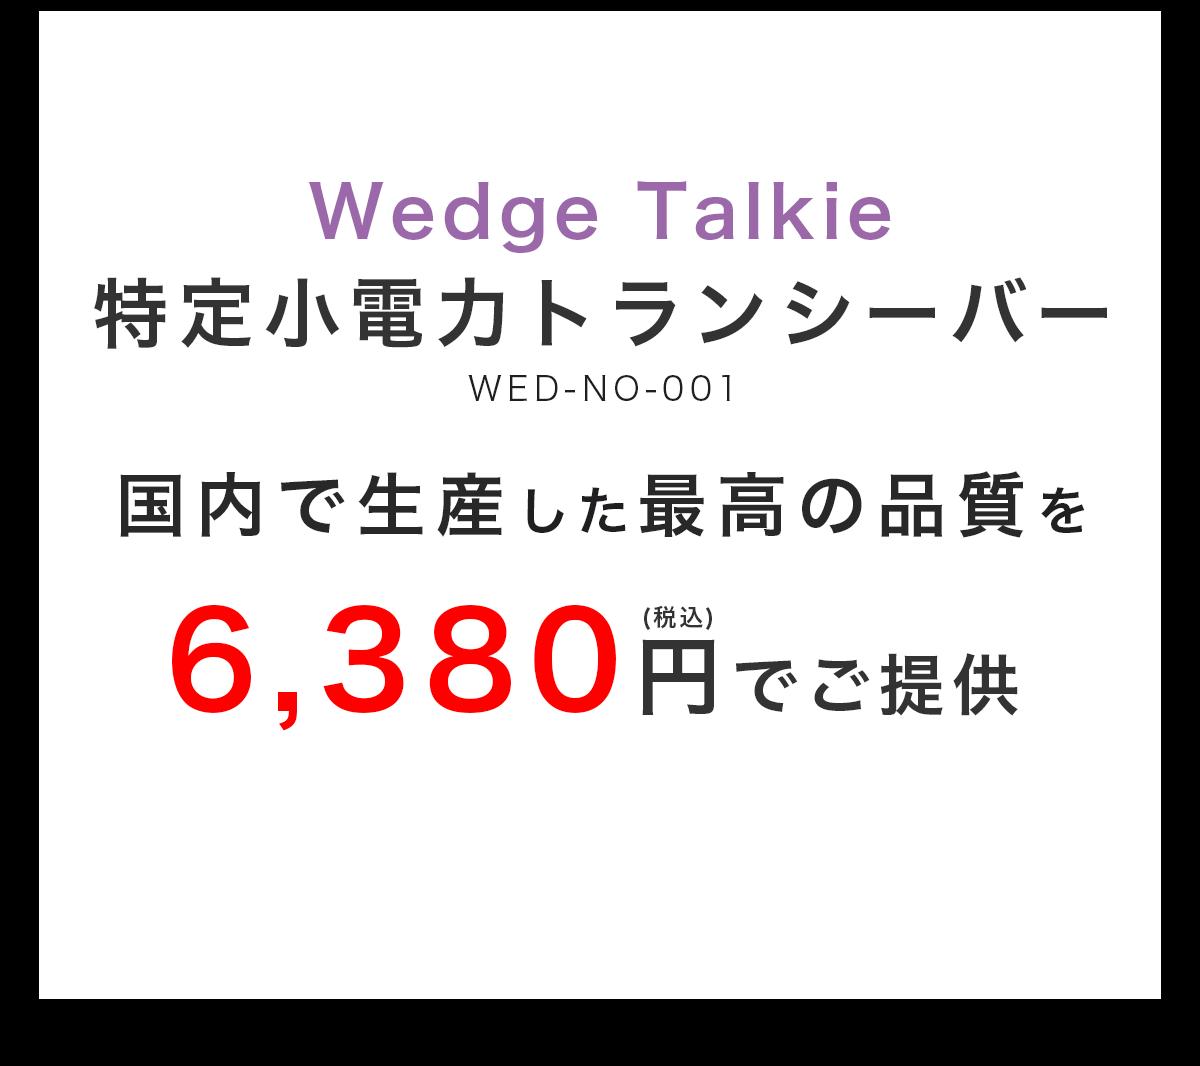 ウェッジトーキーを6,380円でご提供します